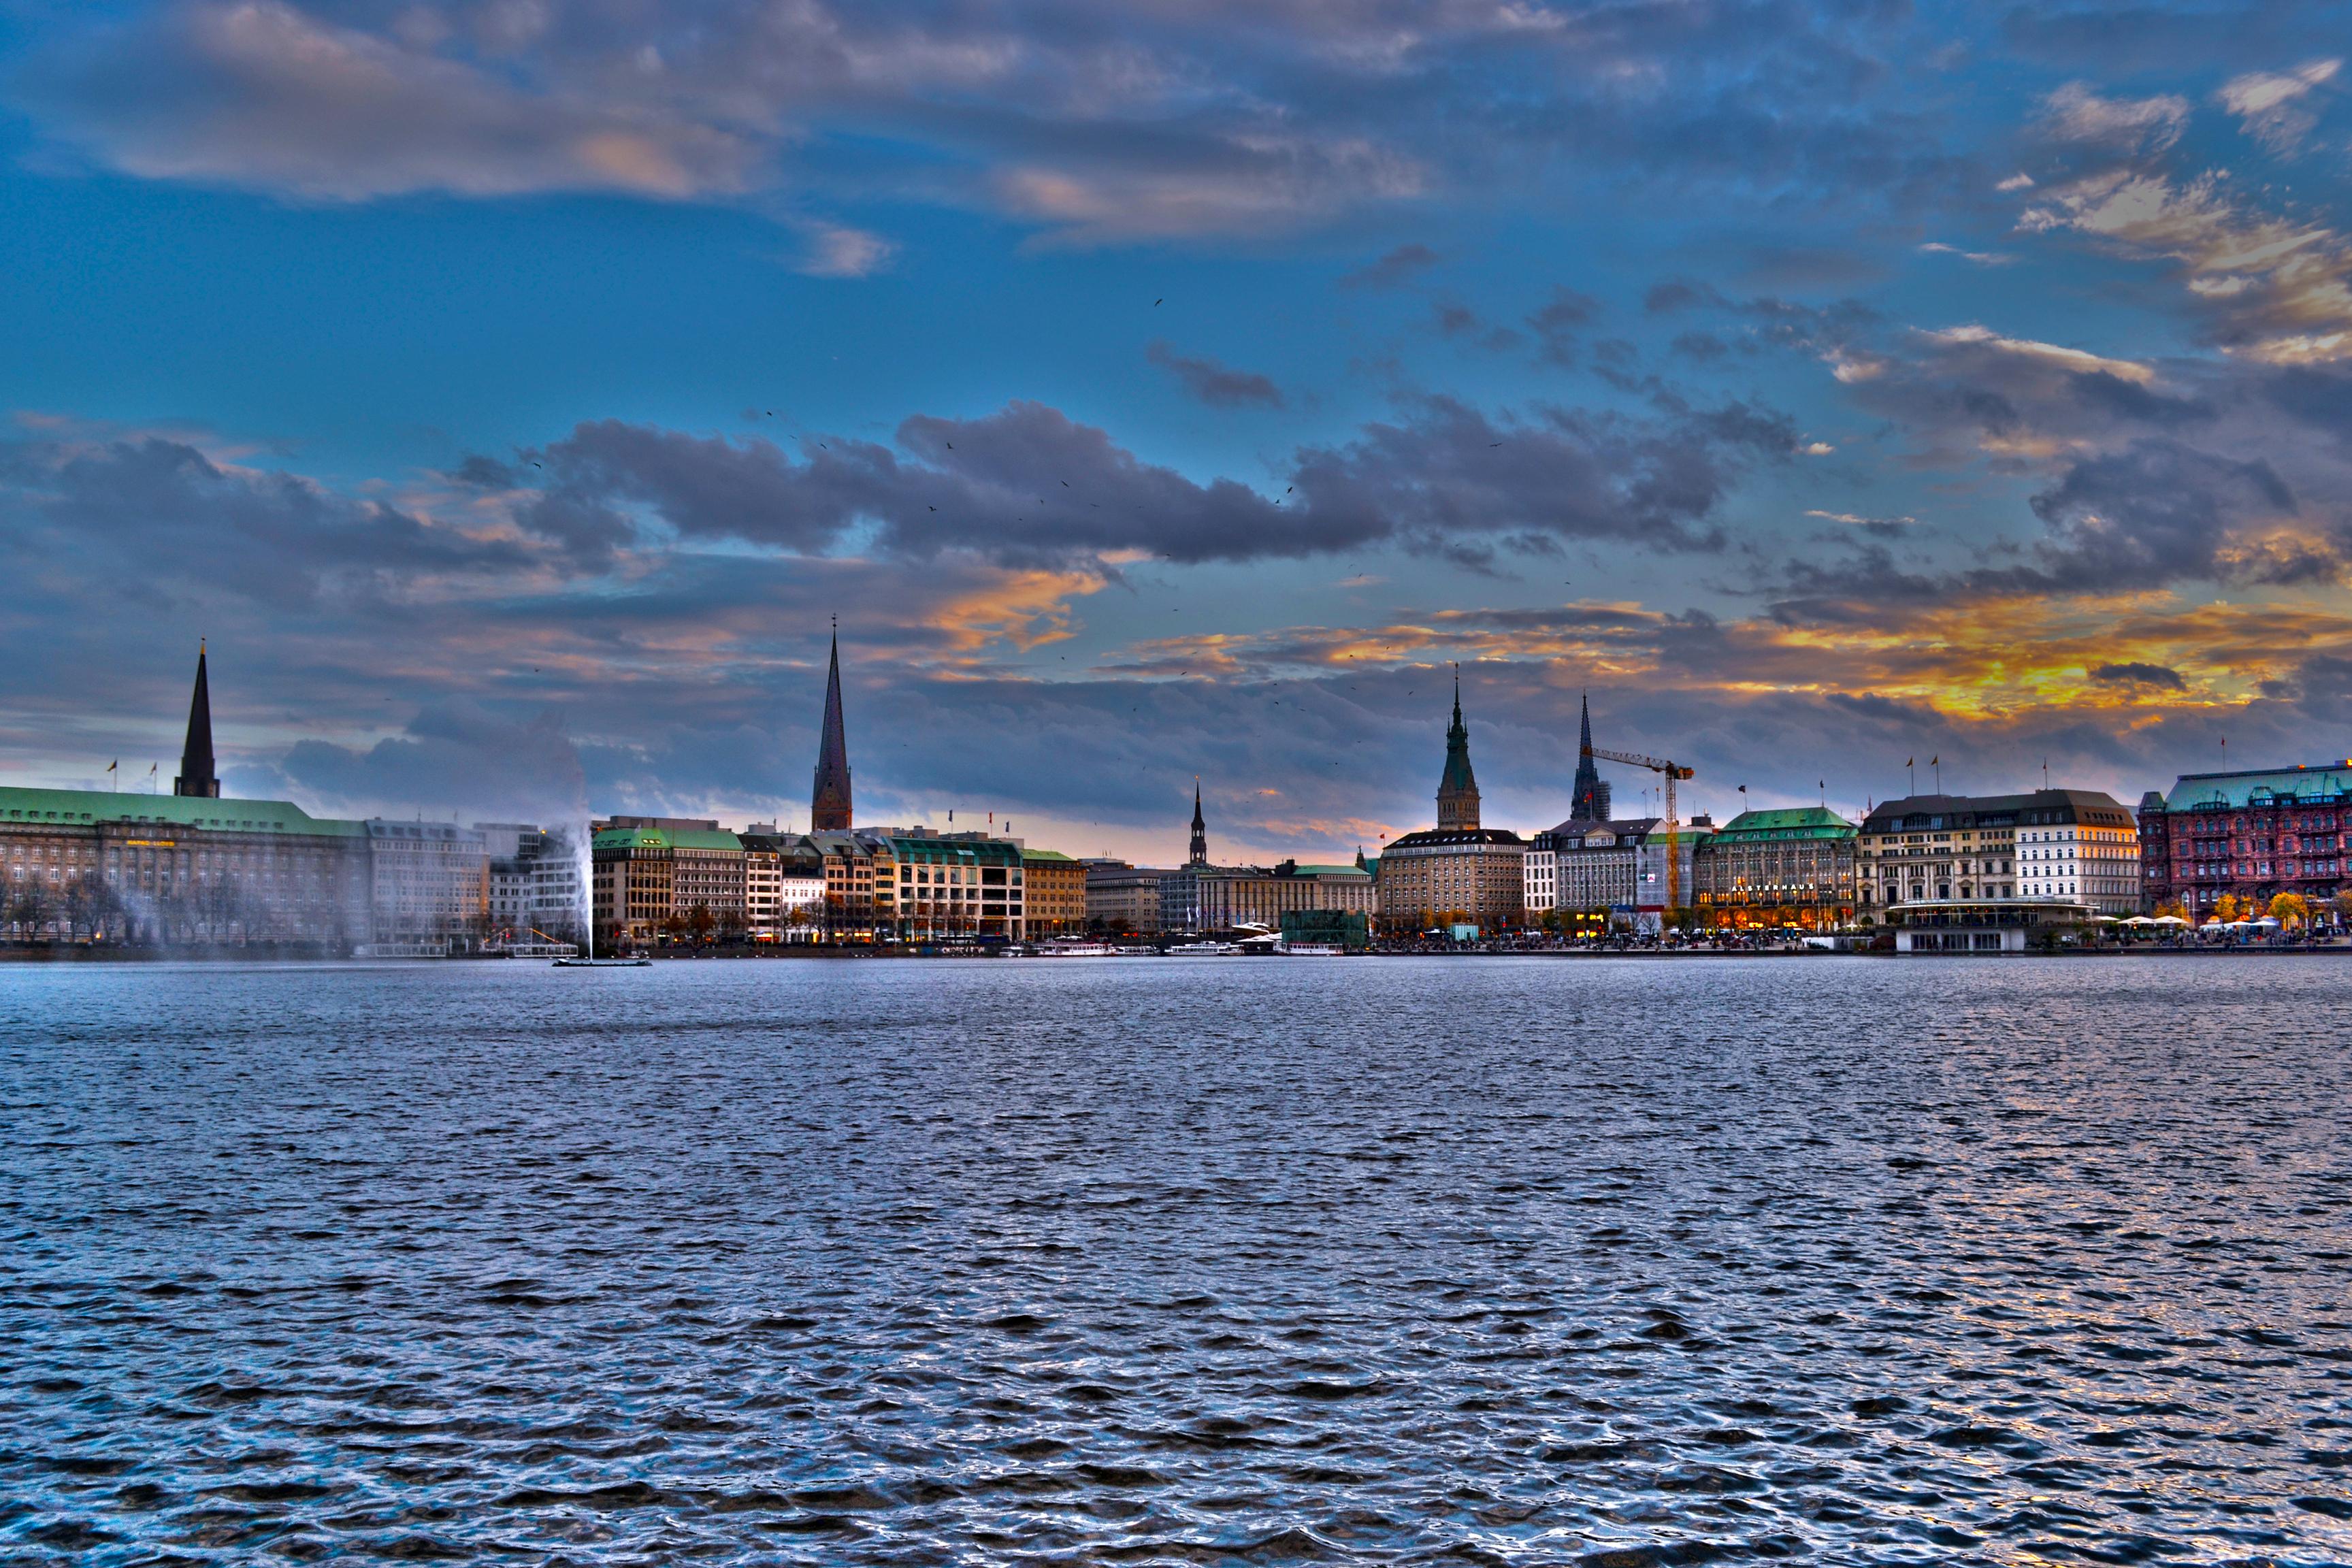 Hamburg: Binnenalster